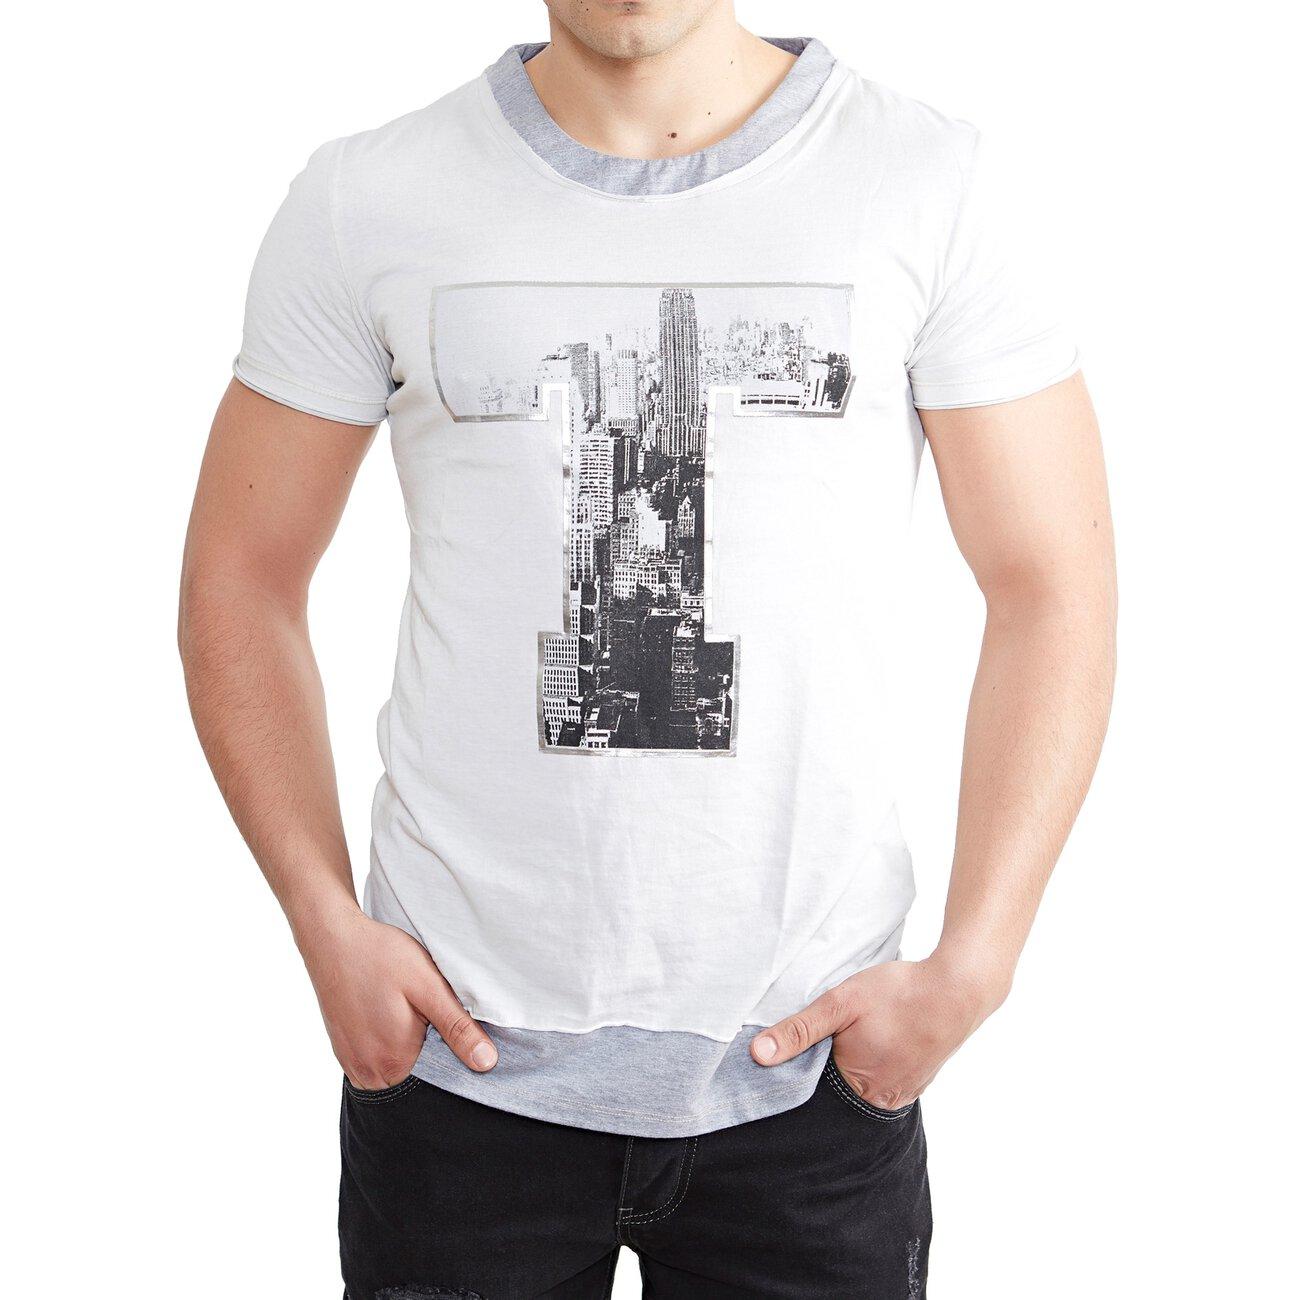 Tazzio Fashion Rundhals-Shirt Herren T-Shirt mit Knopfleiste Anthrazit//Weiß